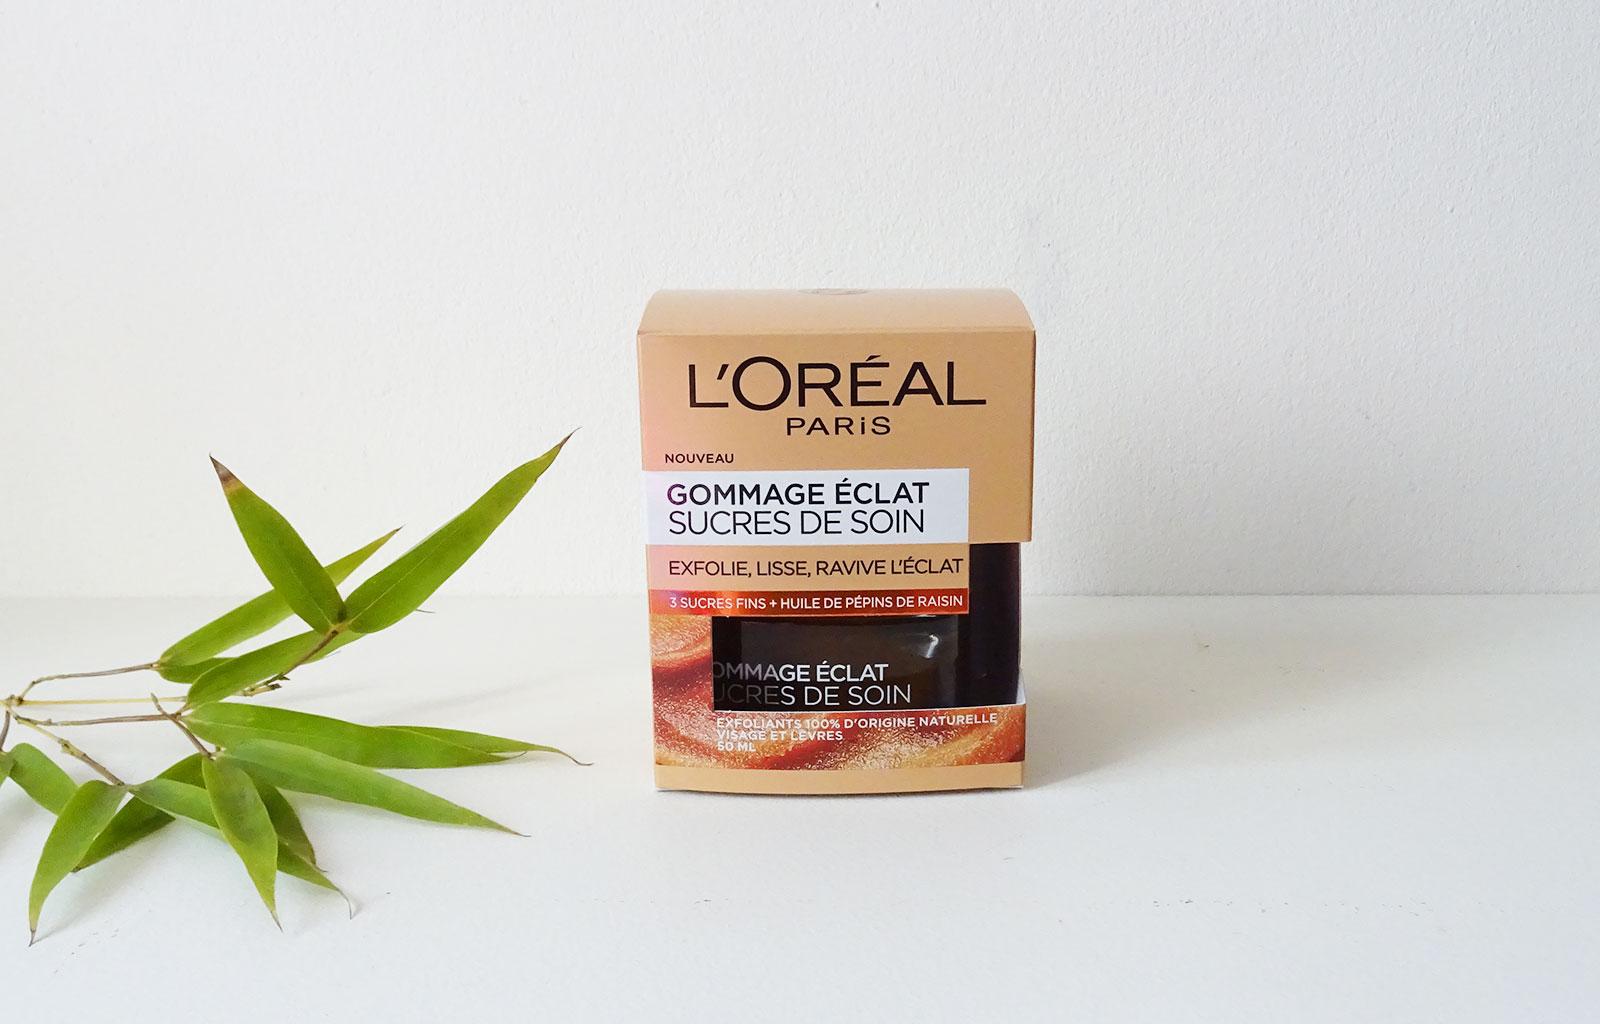 gommage éclat Sucres de soin L'Oréal